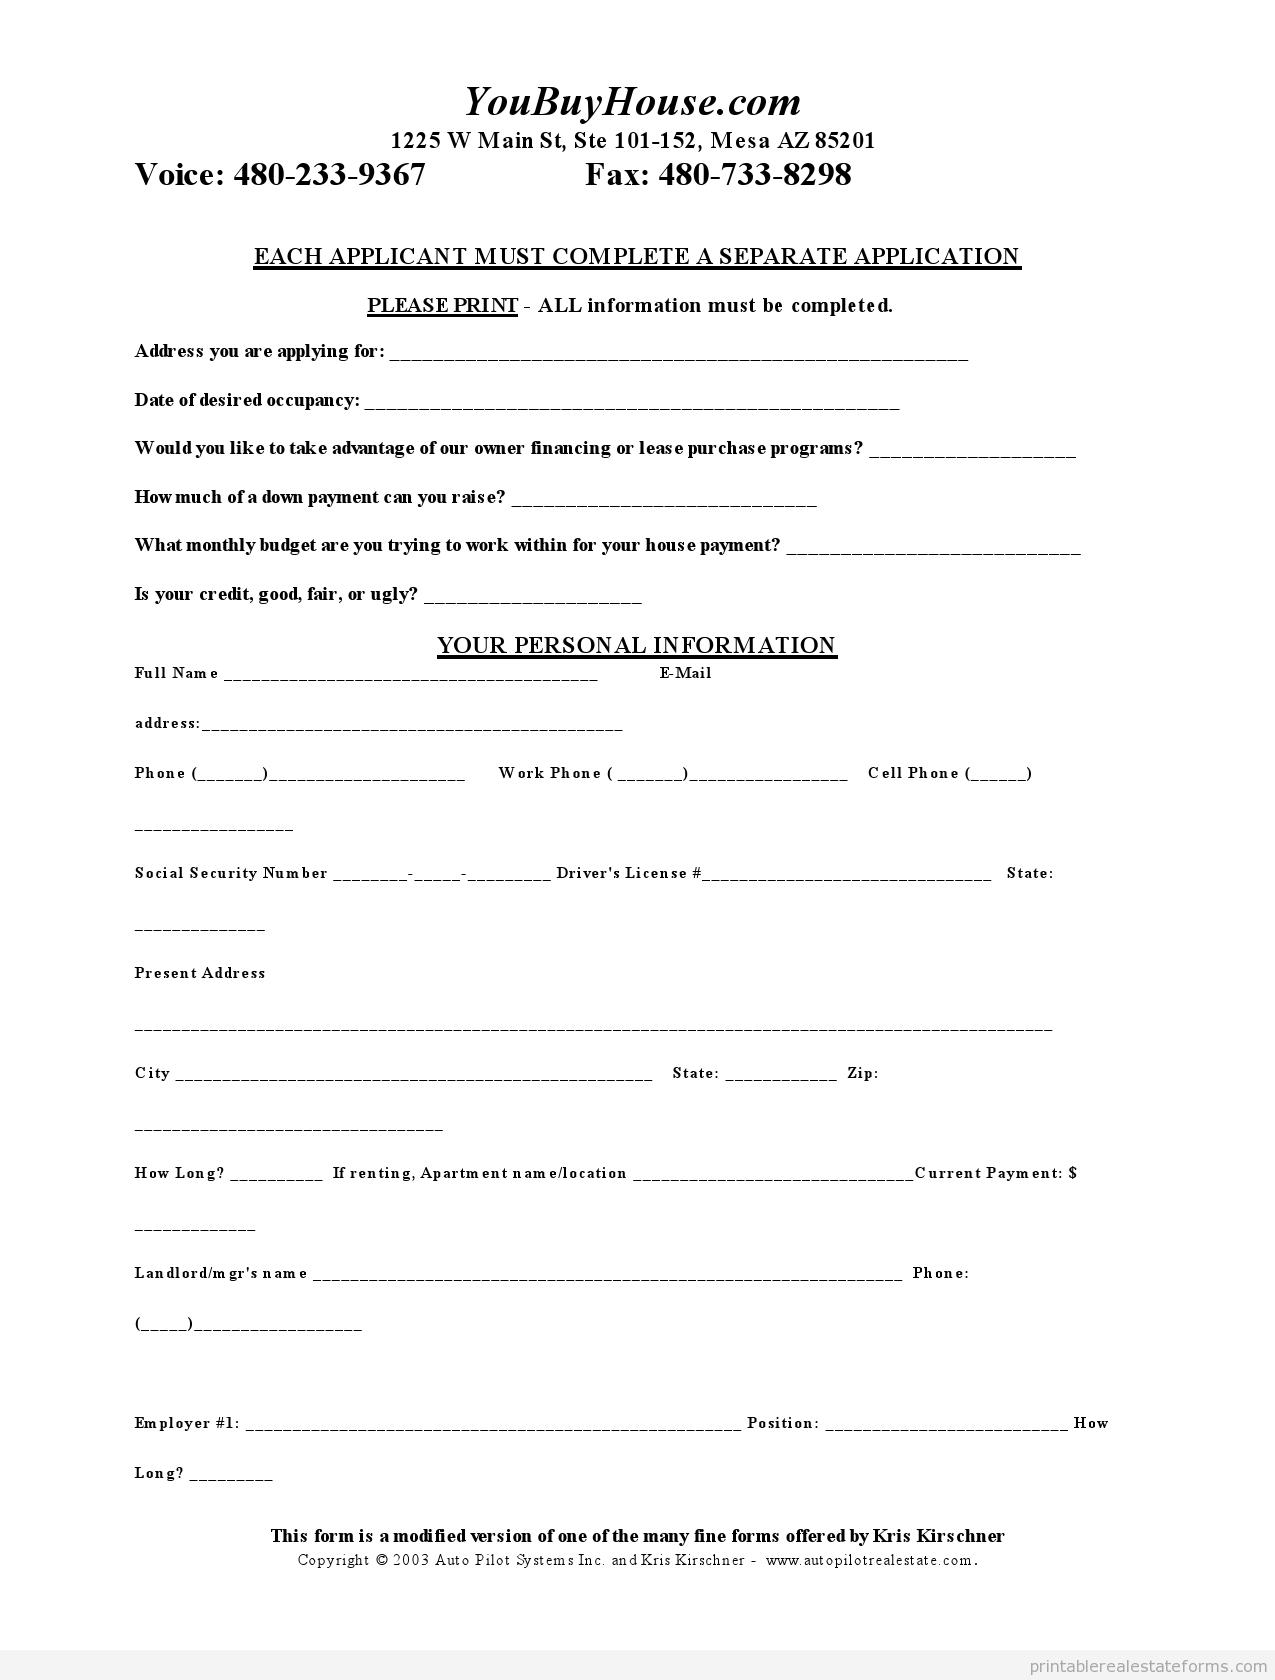 Sample Printable Short Credit Application Form